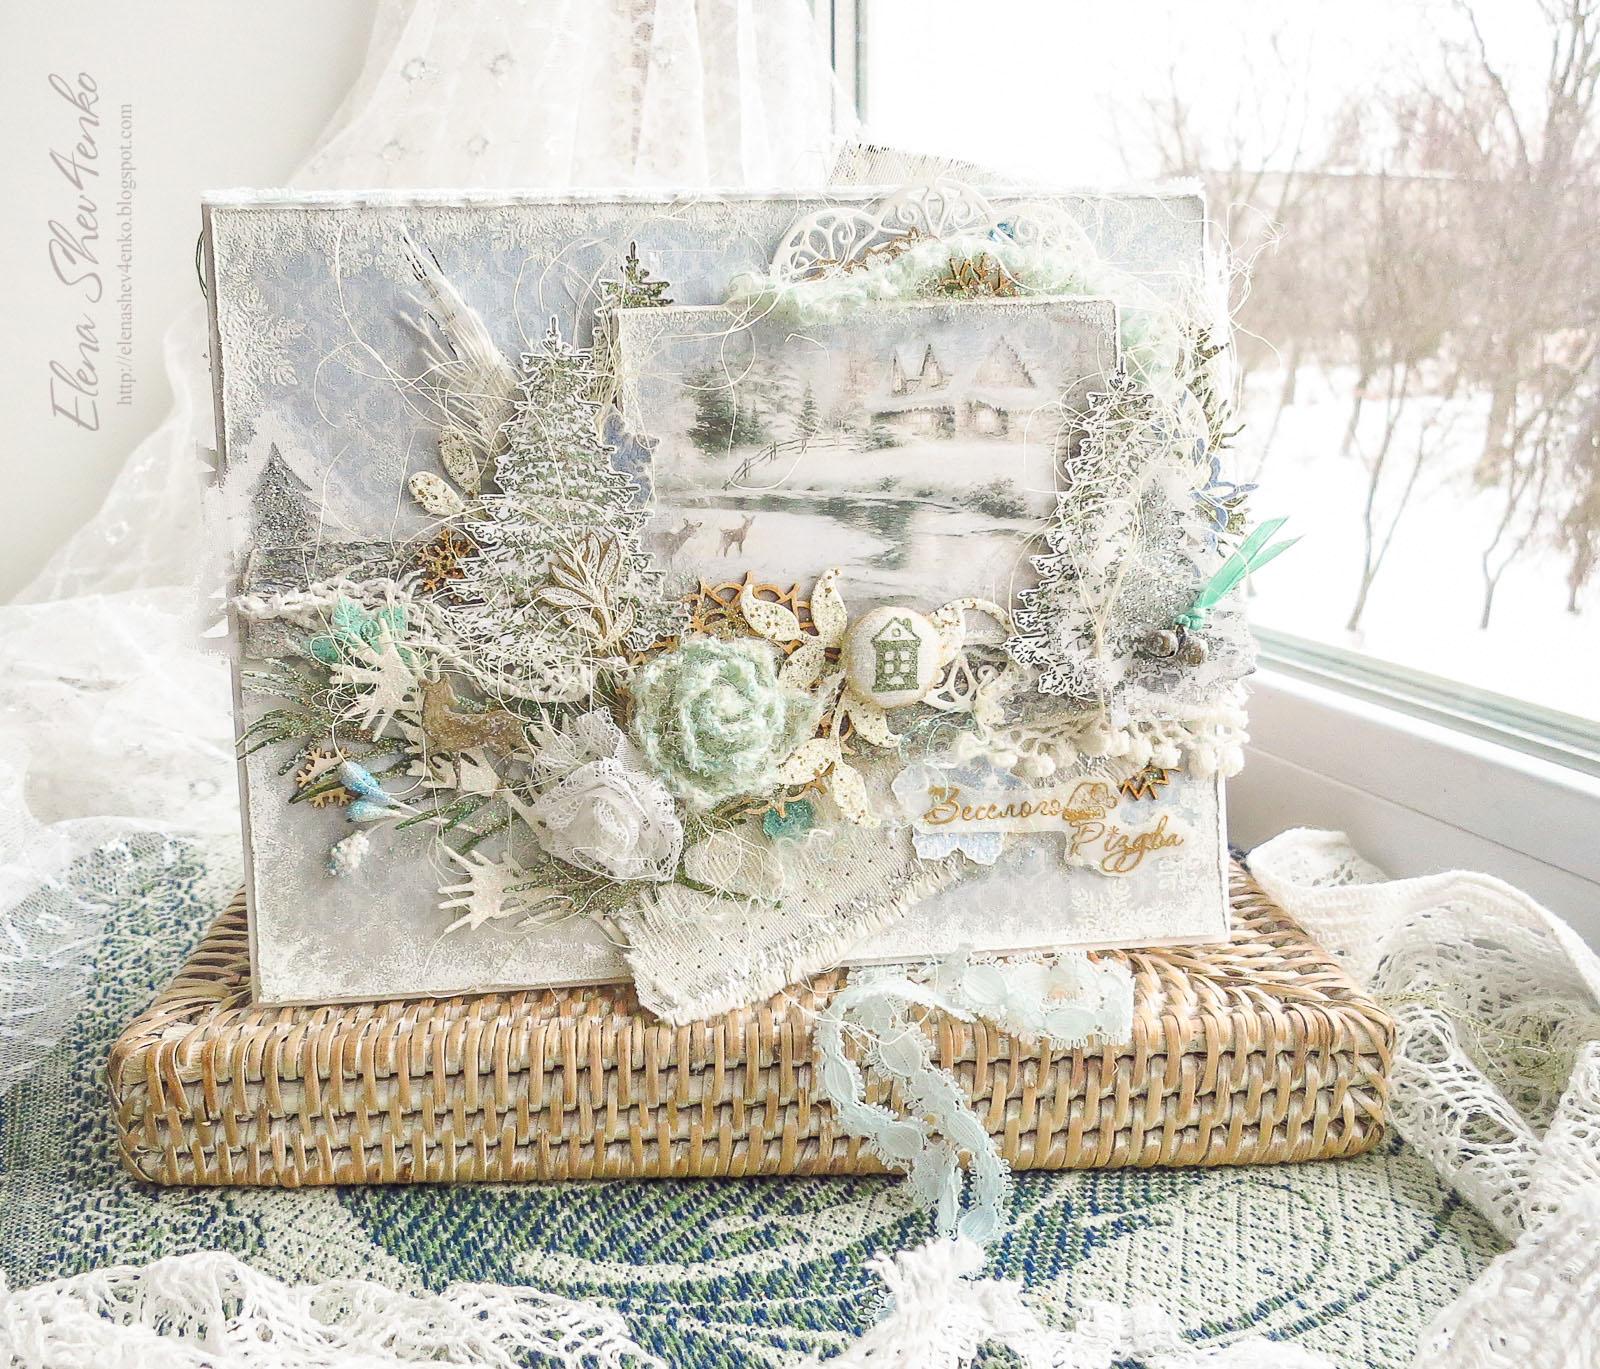 зимняя открытка, скрапбукинг, кардмейкинг, олени, новогодняя открытка, різдвяна листівка, cardmaking, winter